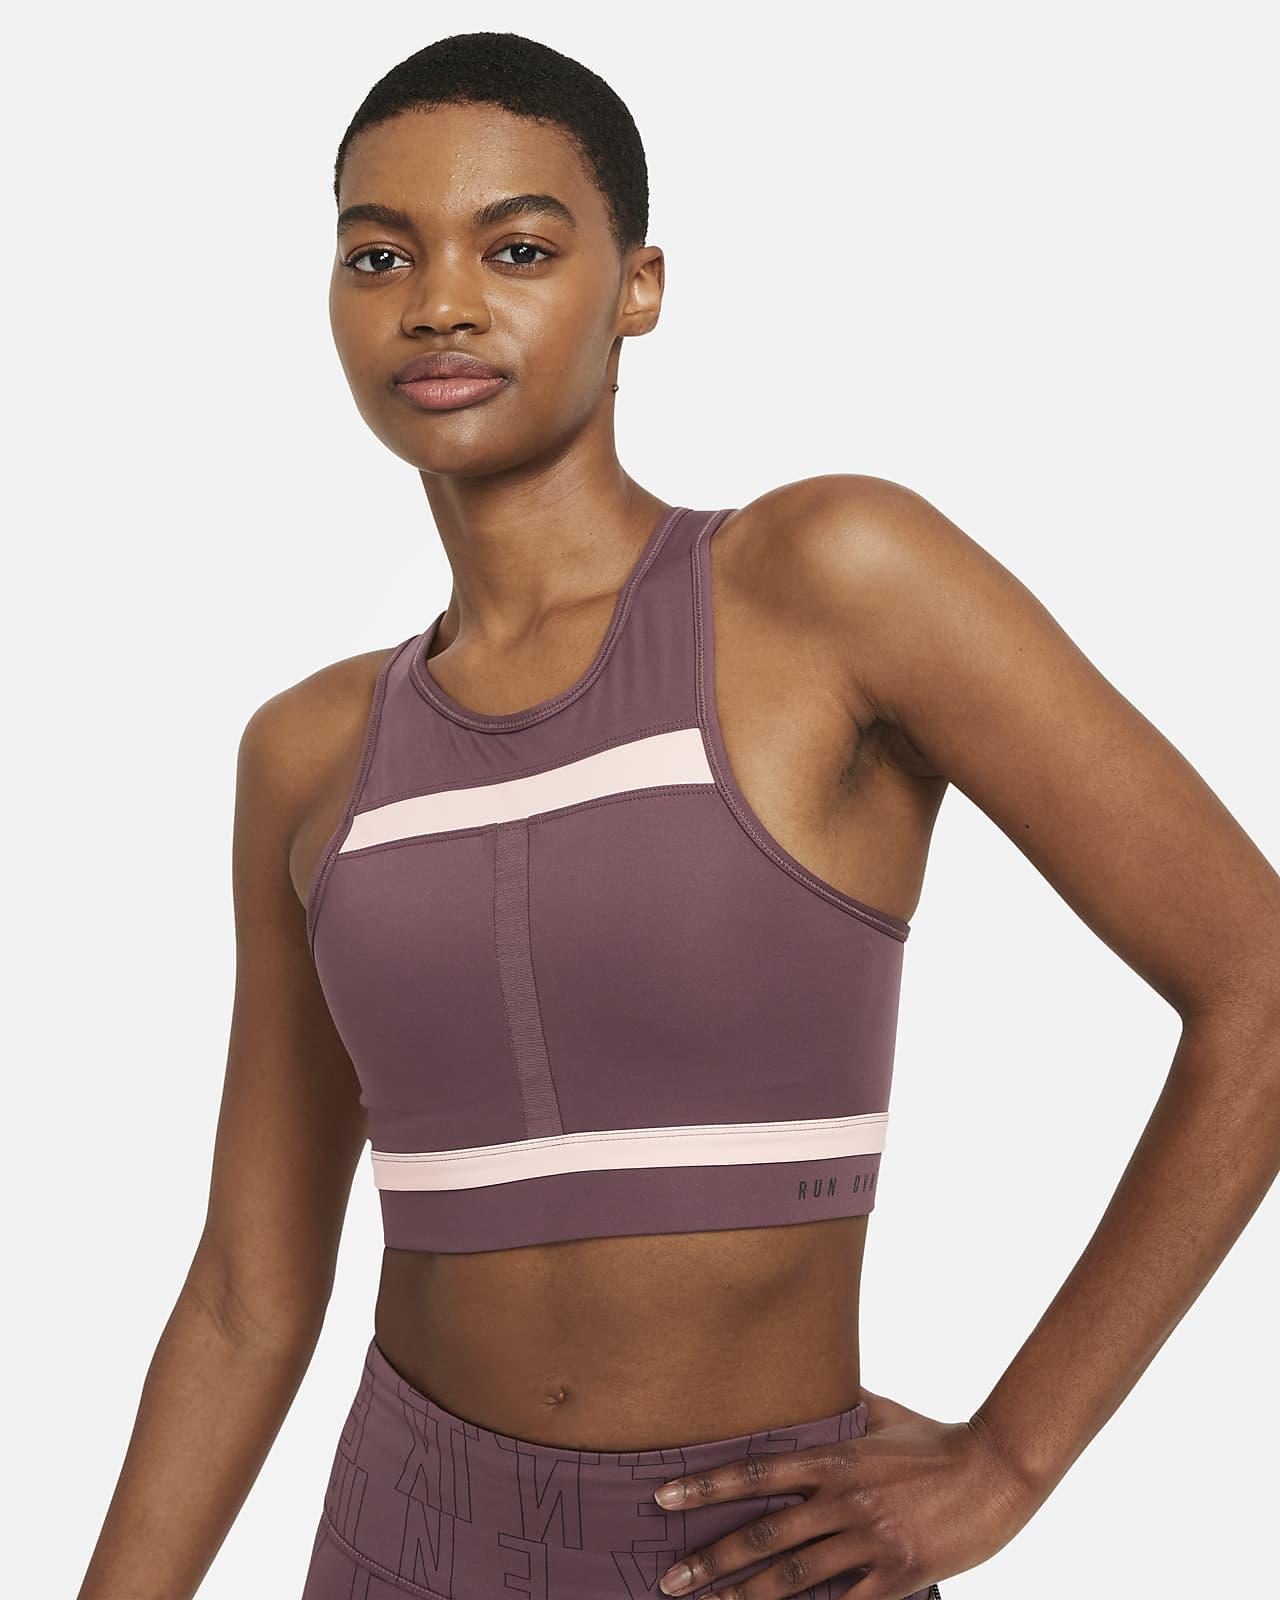 Nike Dri-FIT Swoosh Run Division Women's Medium-Support 1-Piece Pad Longline Sports Bra